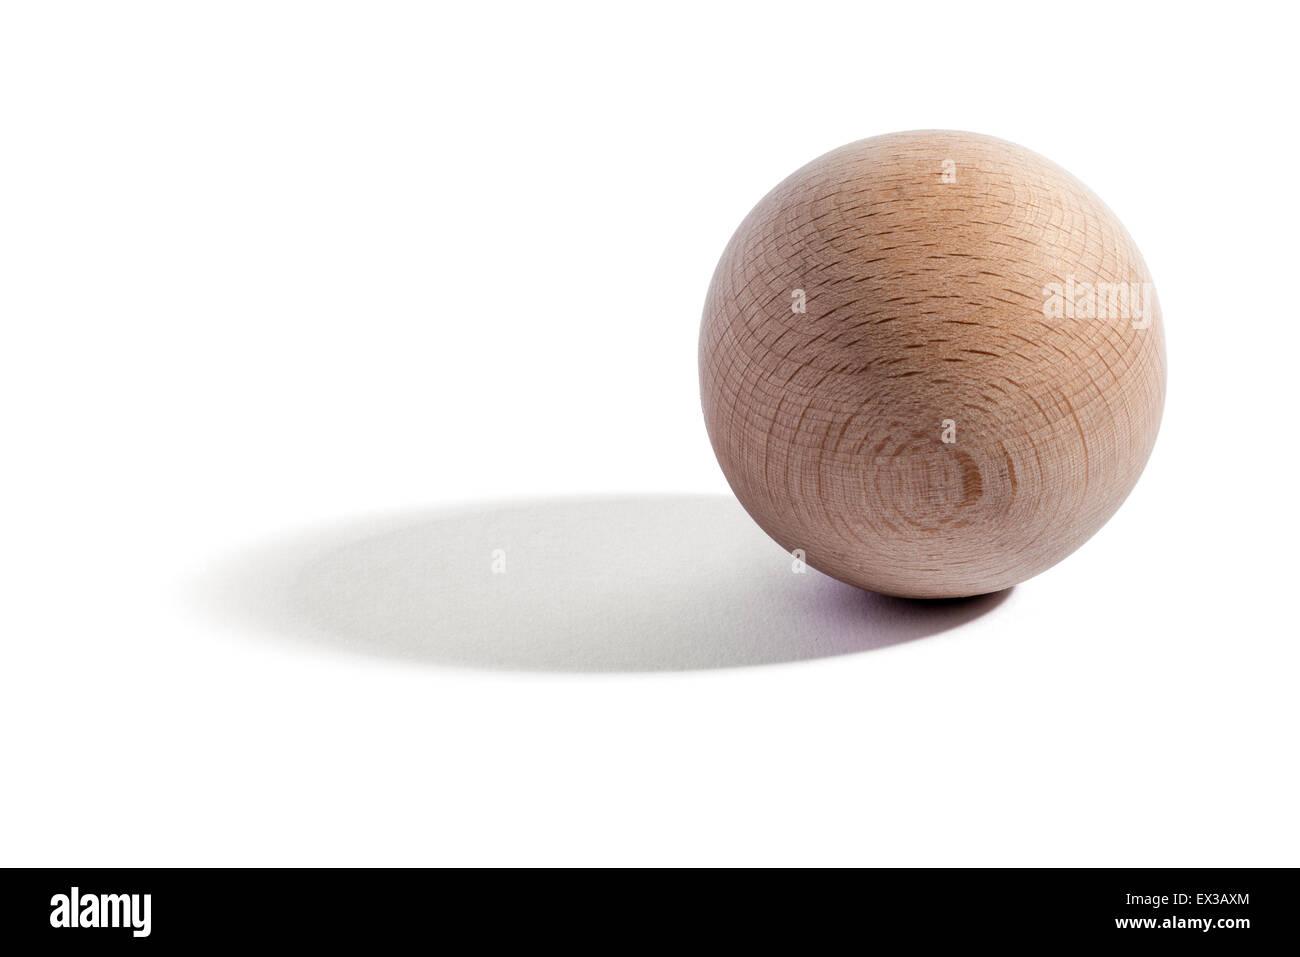 Pianura in legno naturale o sfera OB con grana di legno su uno sfondo bianco con ombra e spazio di copia Immagini Stock